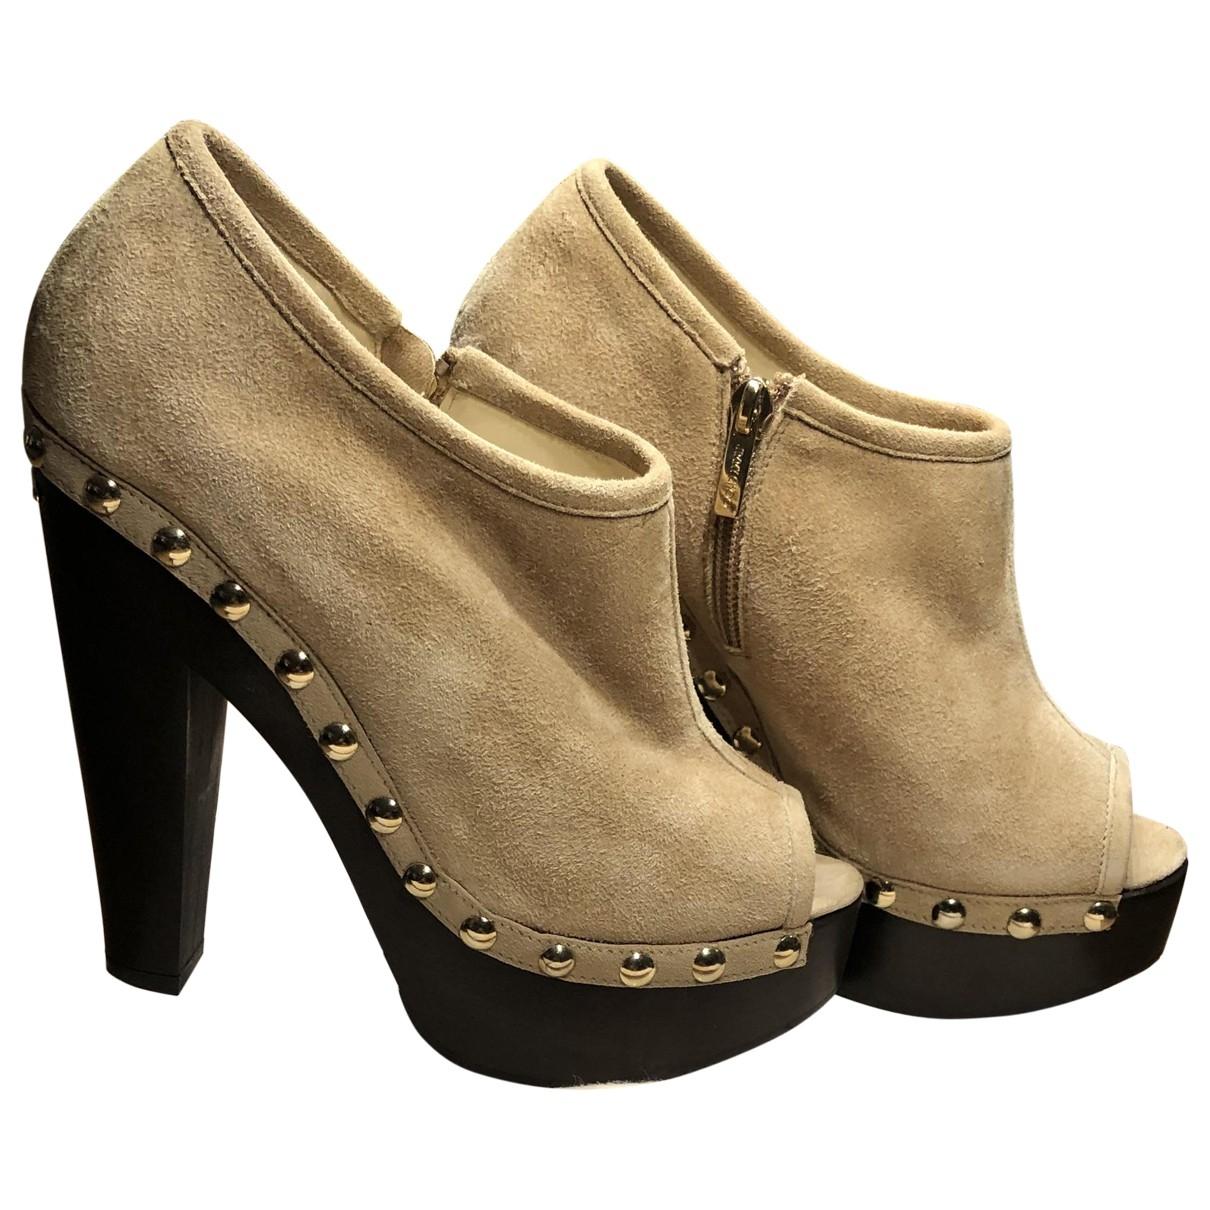 Jimmy Choo \N Beige Suede Ankle boots for Women 38.5 EU